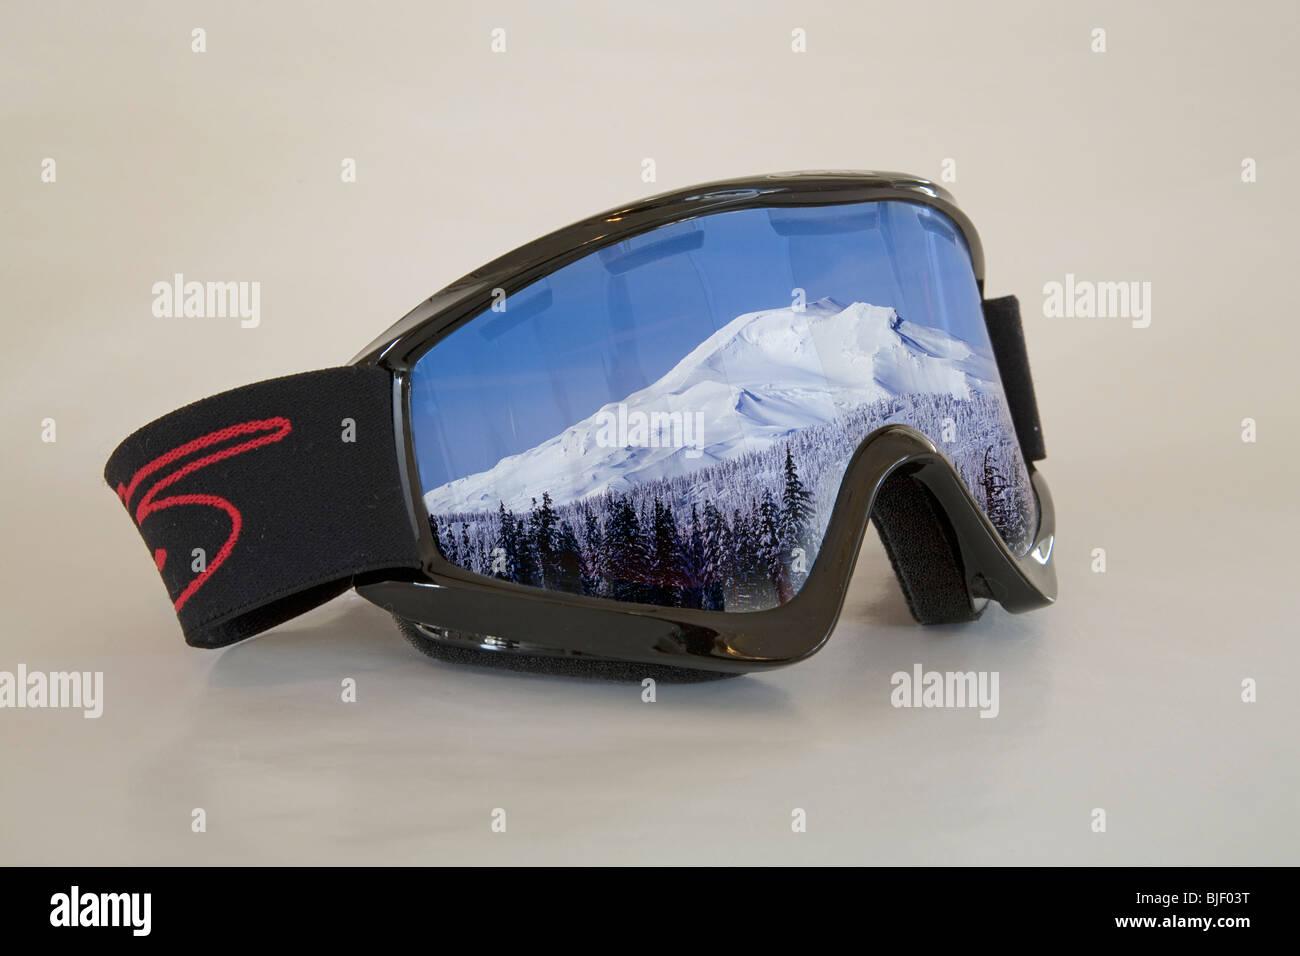 Maschere da sci con la riflessione di un Snow capped picco in essi Immagini Stock